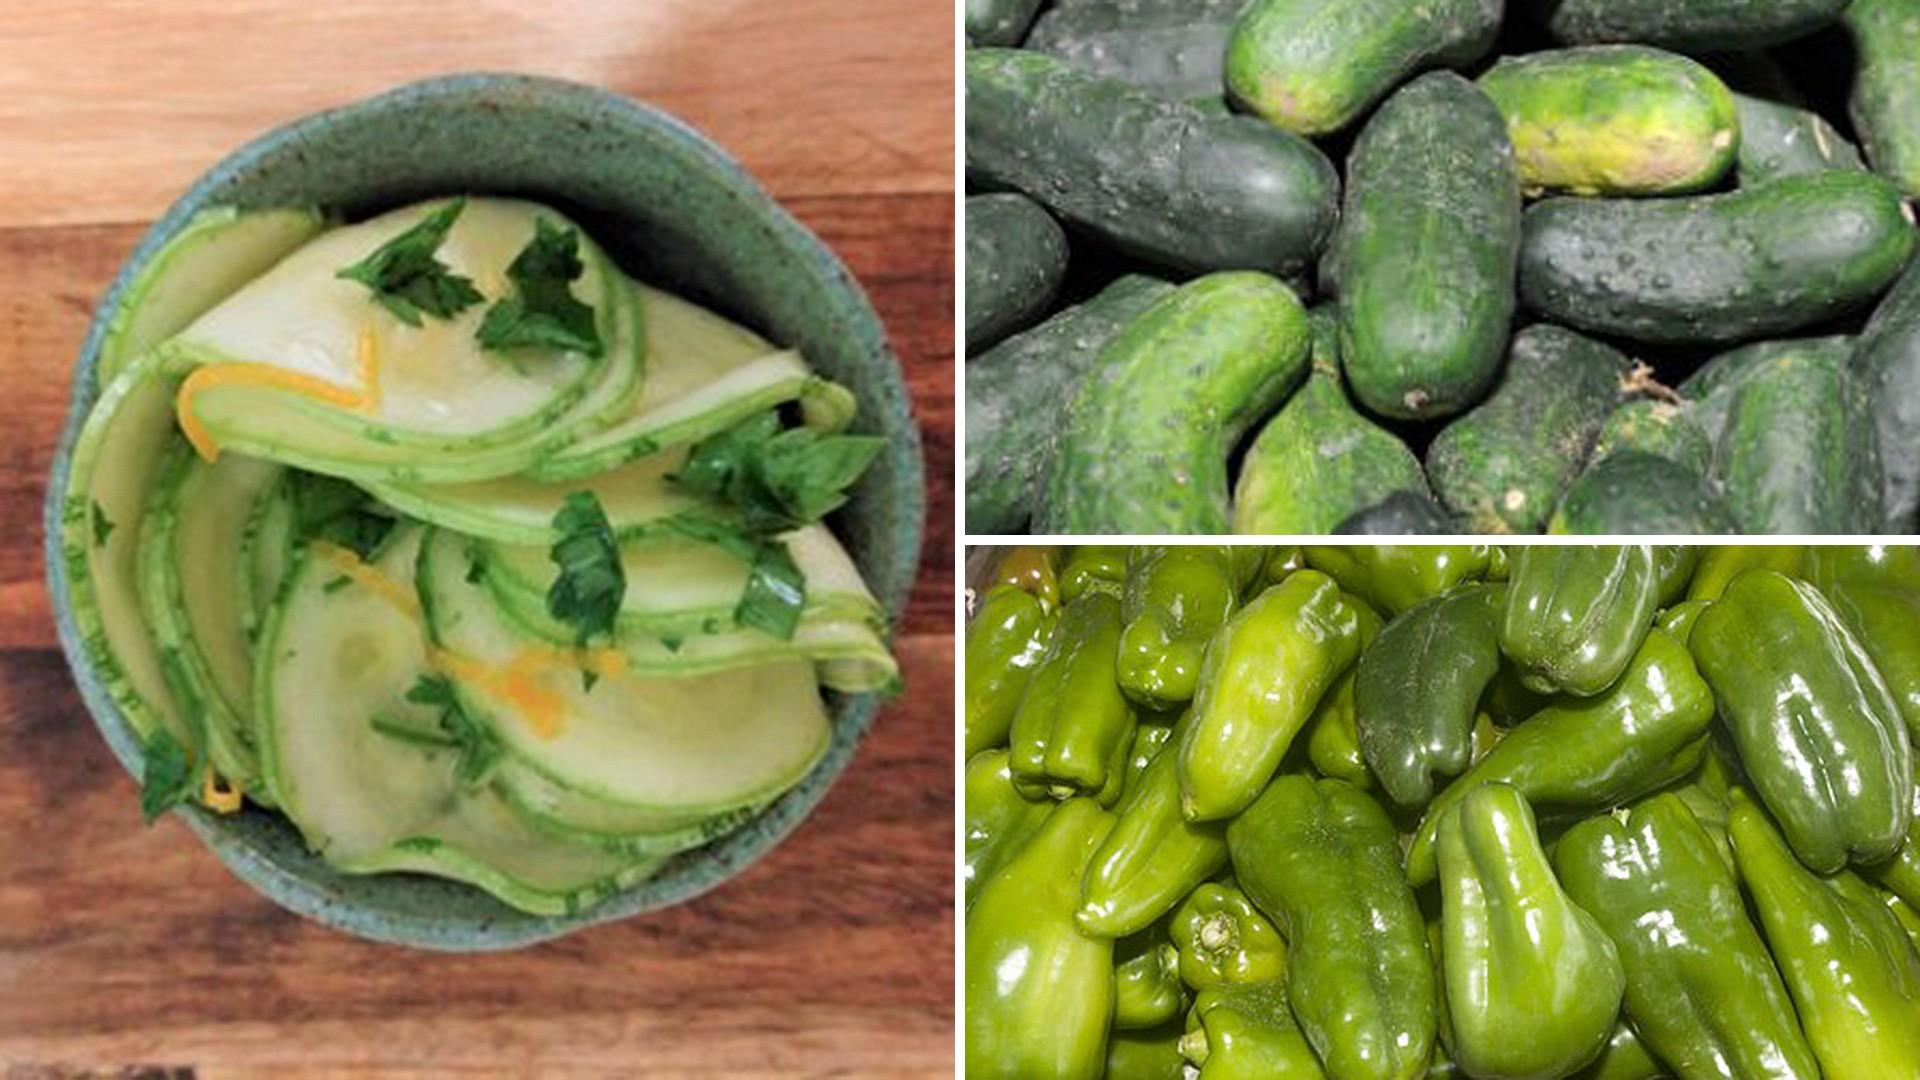 Pimentão, abobrinha e pepino: preços das hortaliças disparam em agosto com geadas